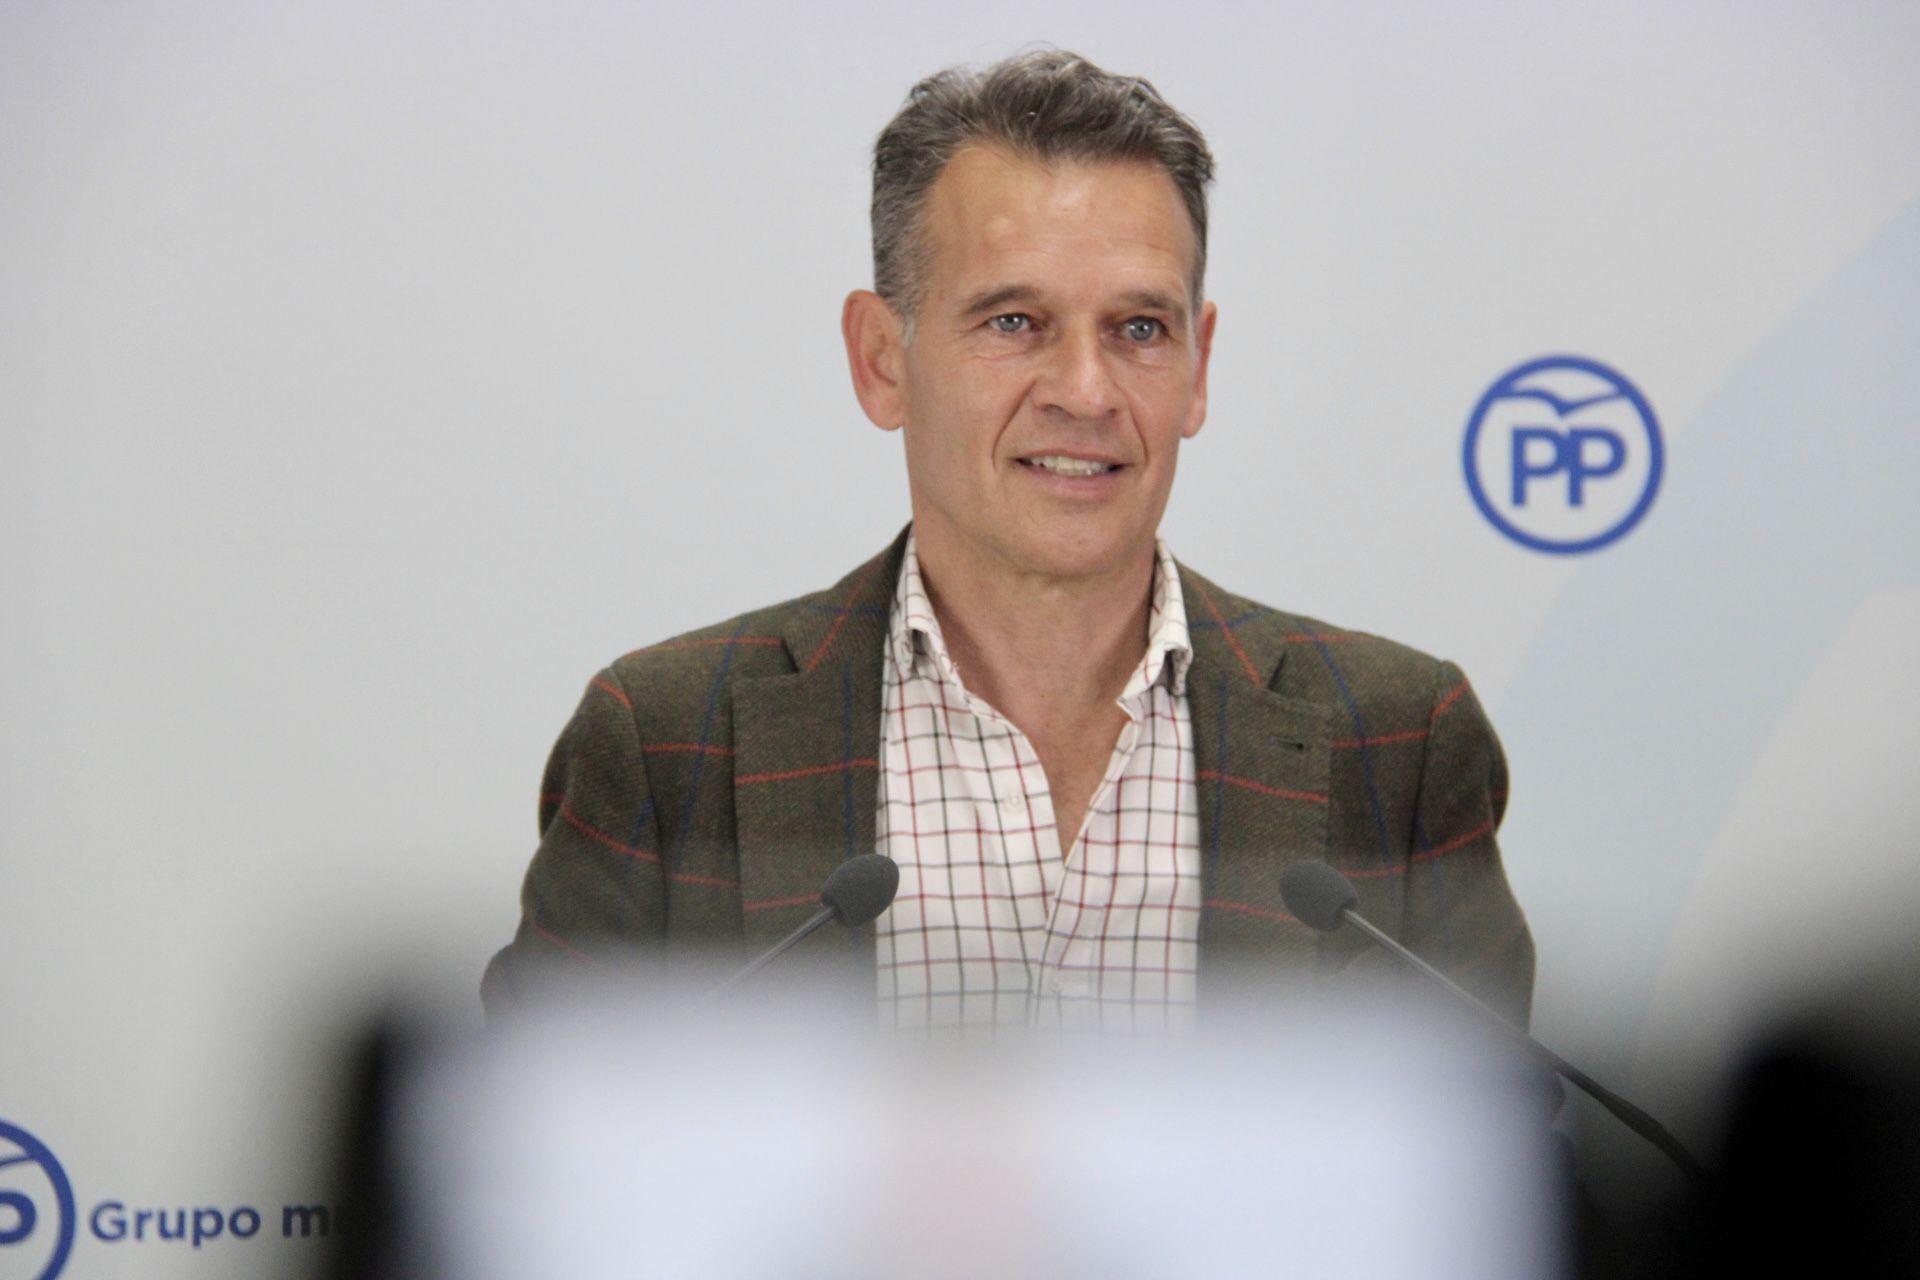 El PP denuncia que Tolón ha dejado sin gastar hasta el 70% del presupuesto extraordinario destinado a ayudas sociales